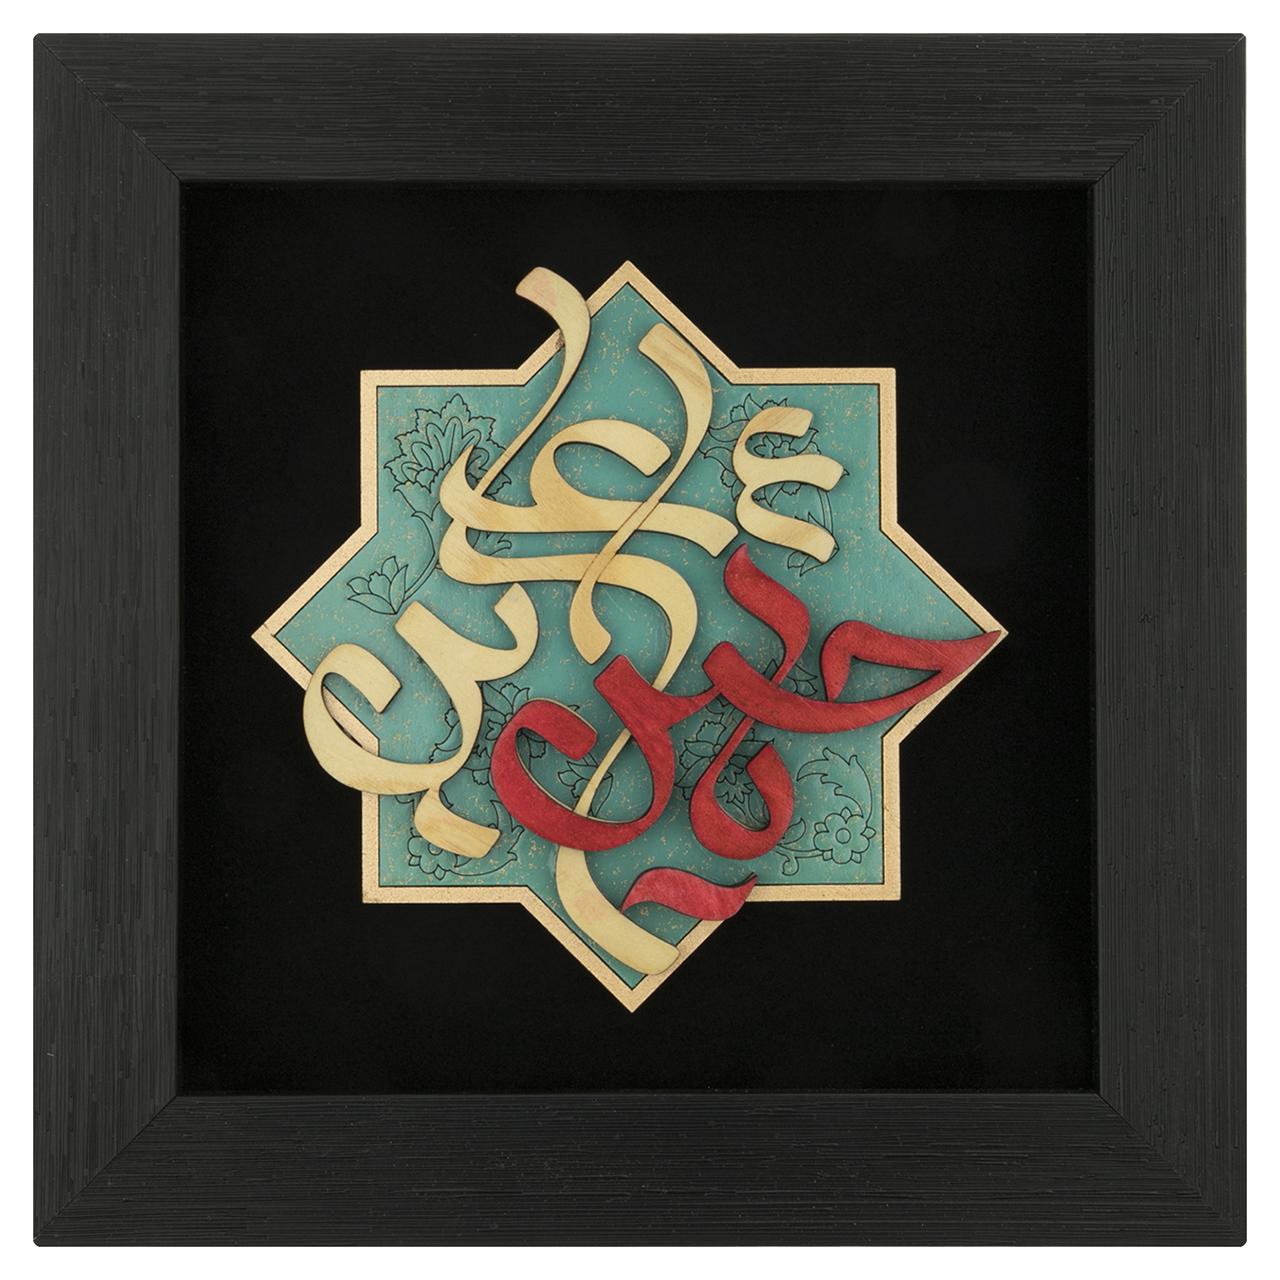 خرید                       تابلو معرق هُم آدیس طرح خوشنويسي یا حسین بن علی (ع) کد TJa 104